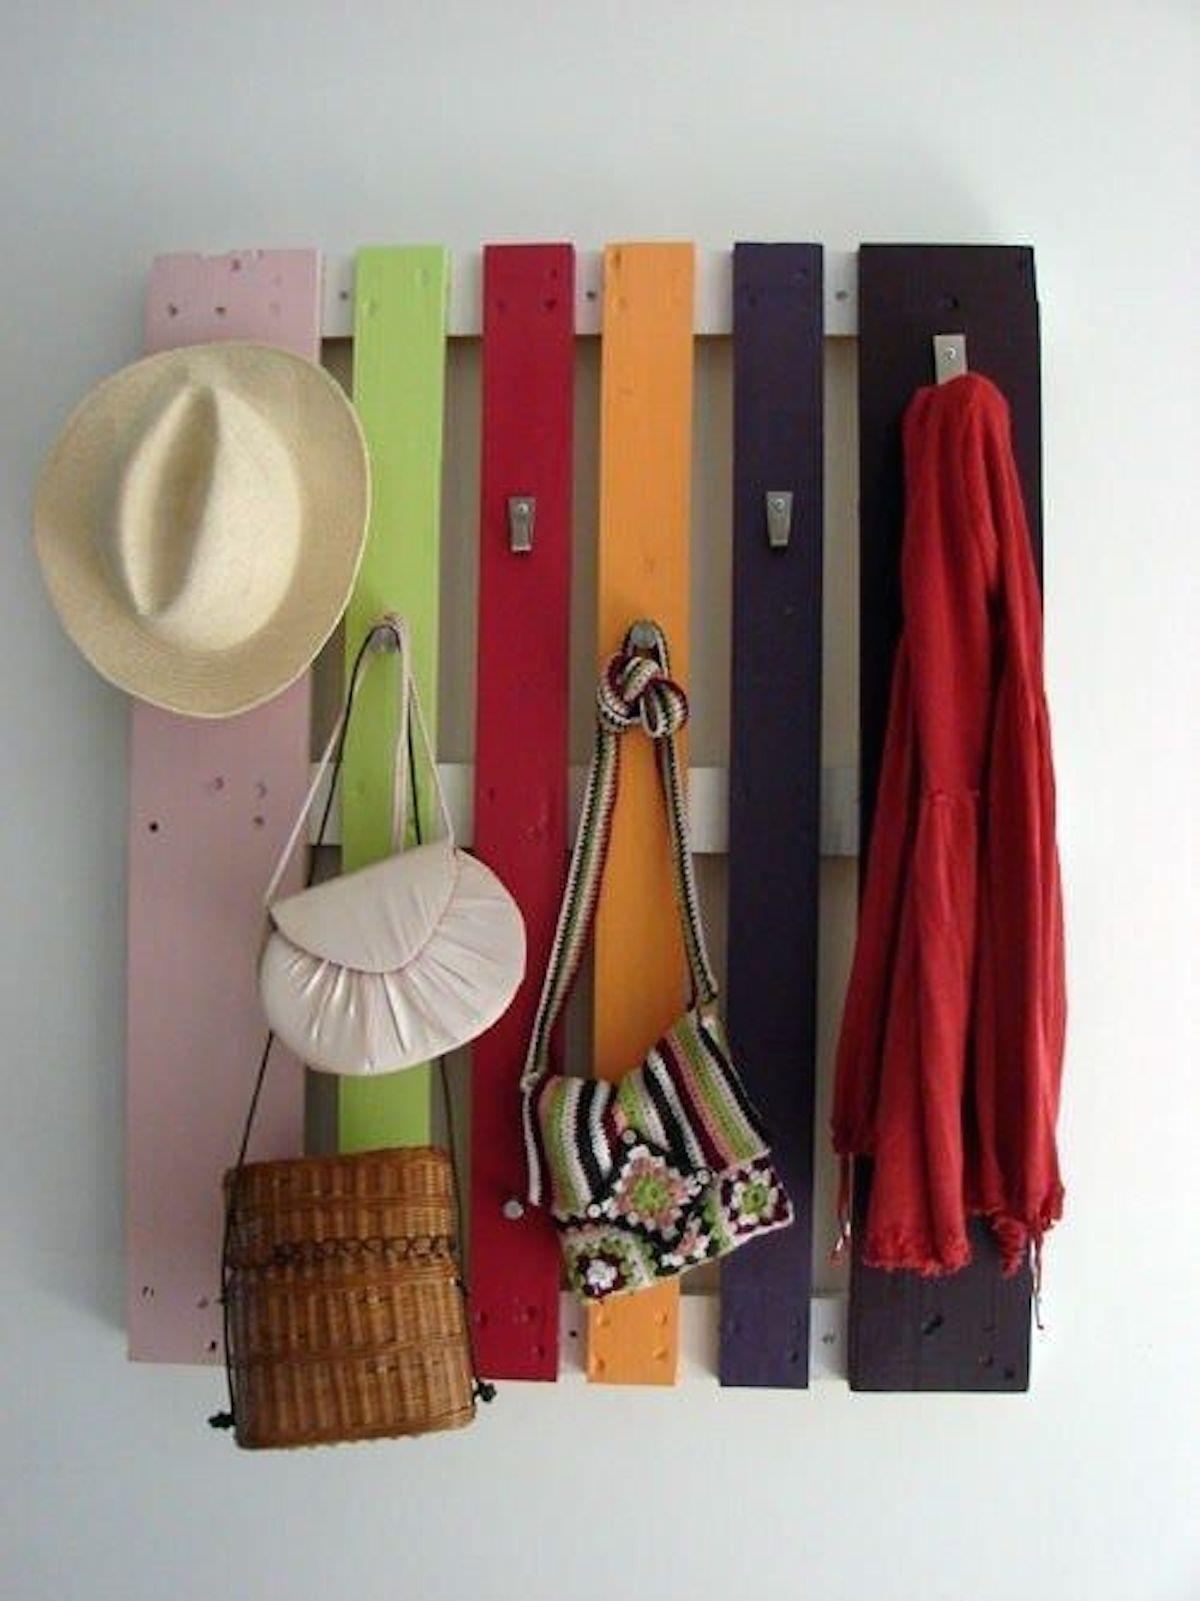 build a hat rack